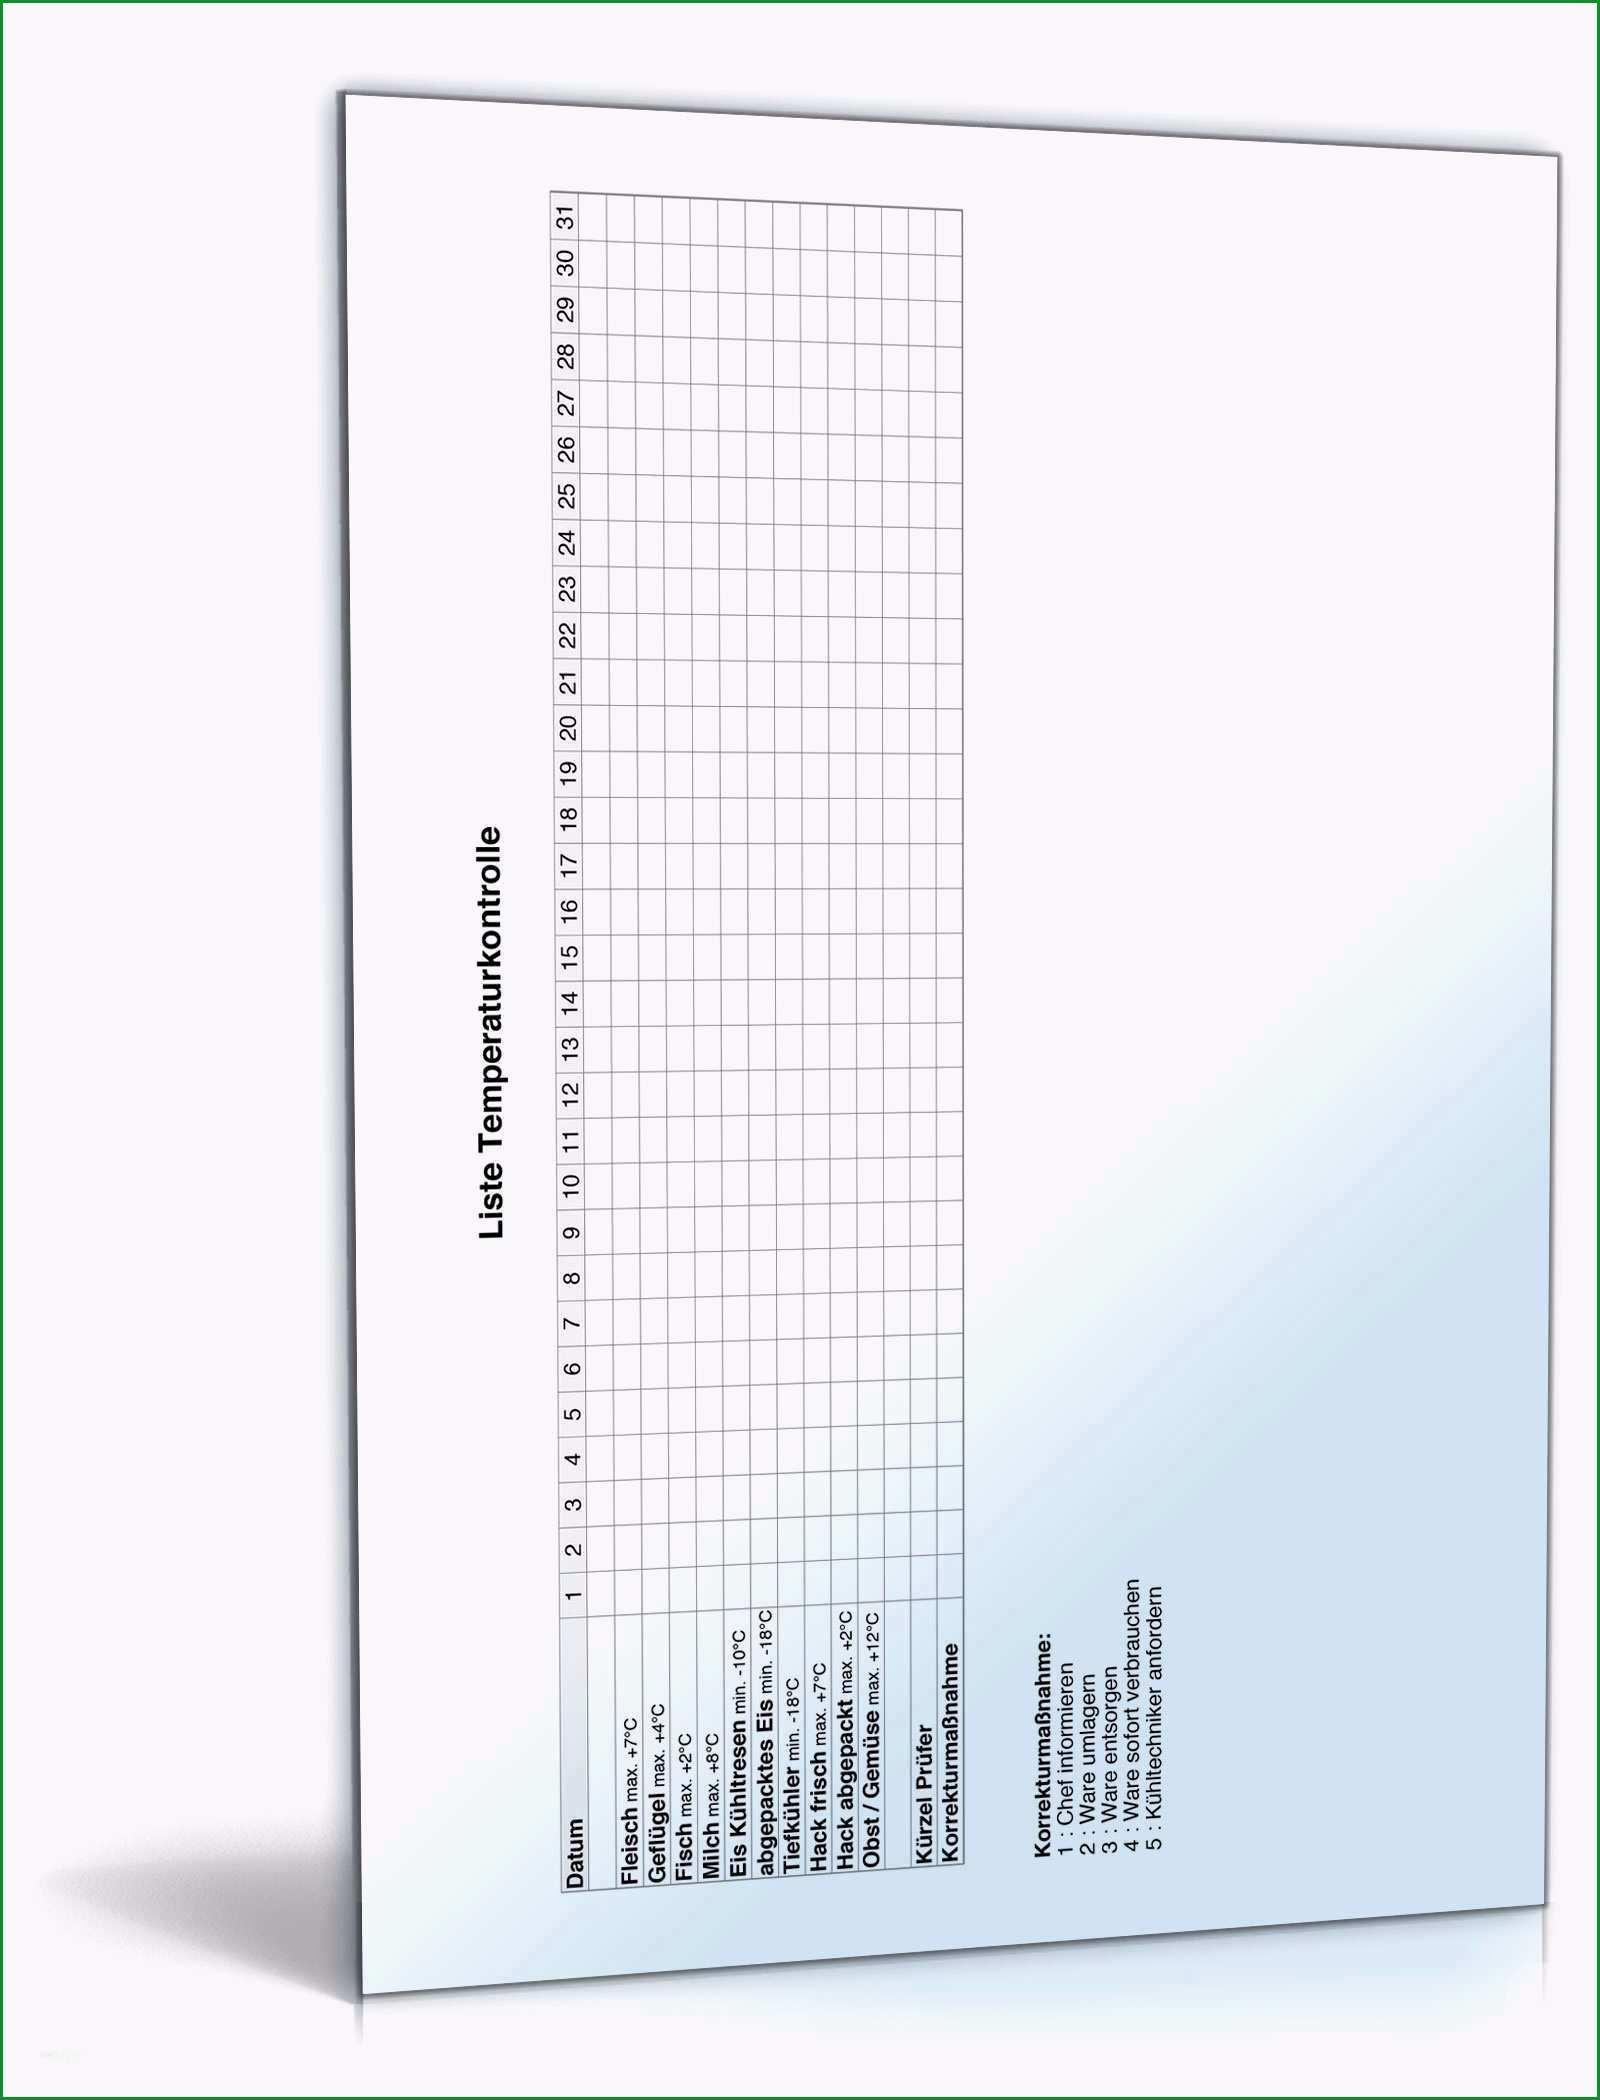 bestatigung unbefristetes arbeitsverhaltnis vorlage wunderbar liste temperaturkontrolle • de tabelle